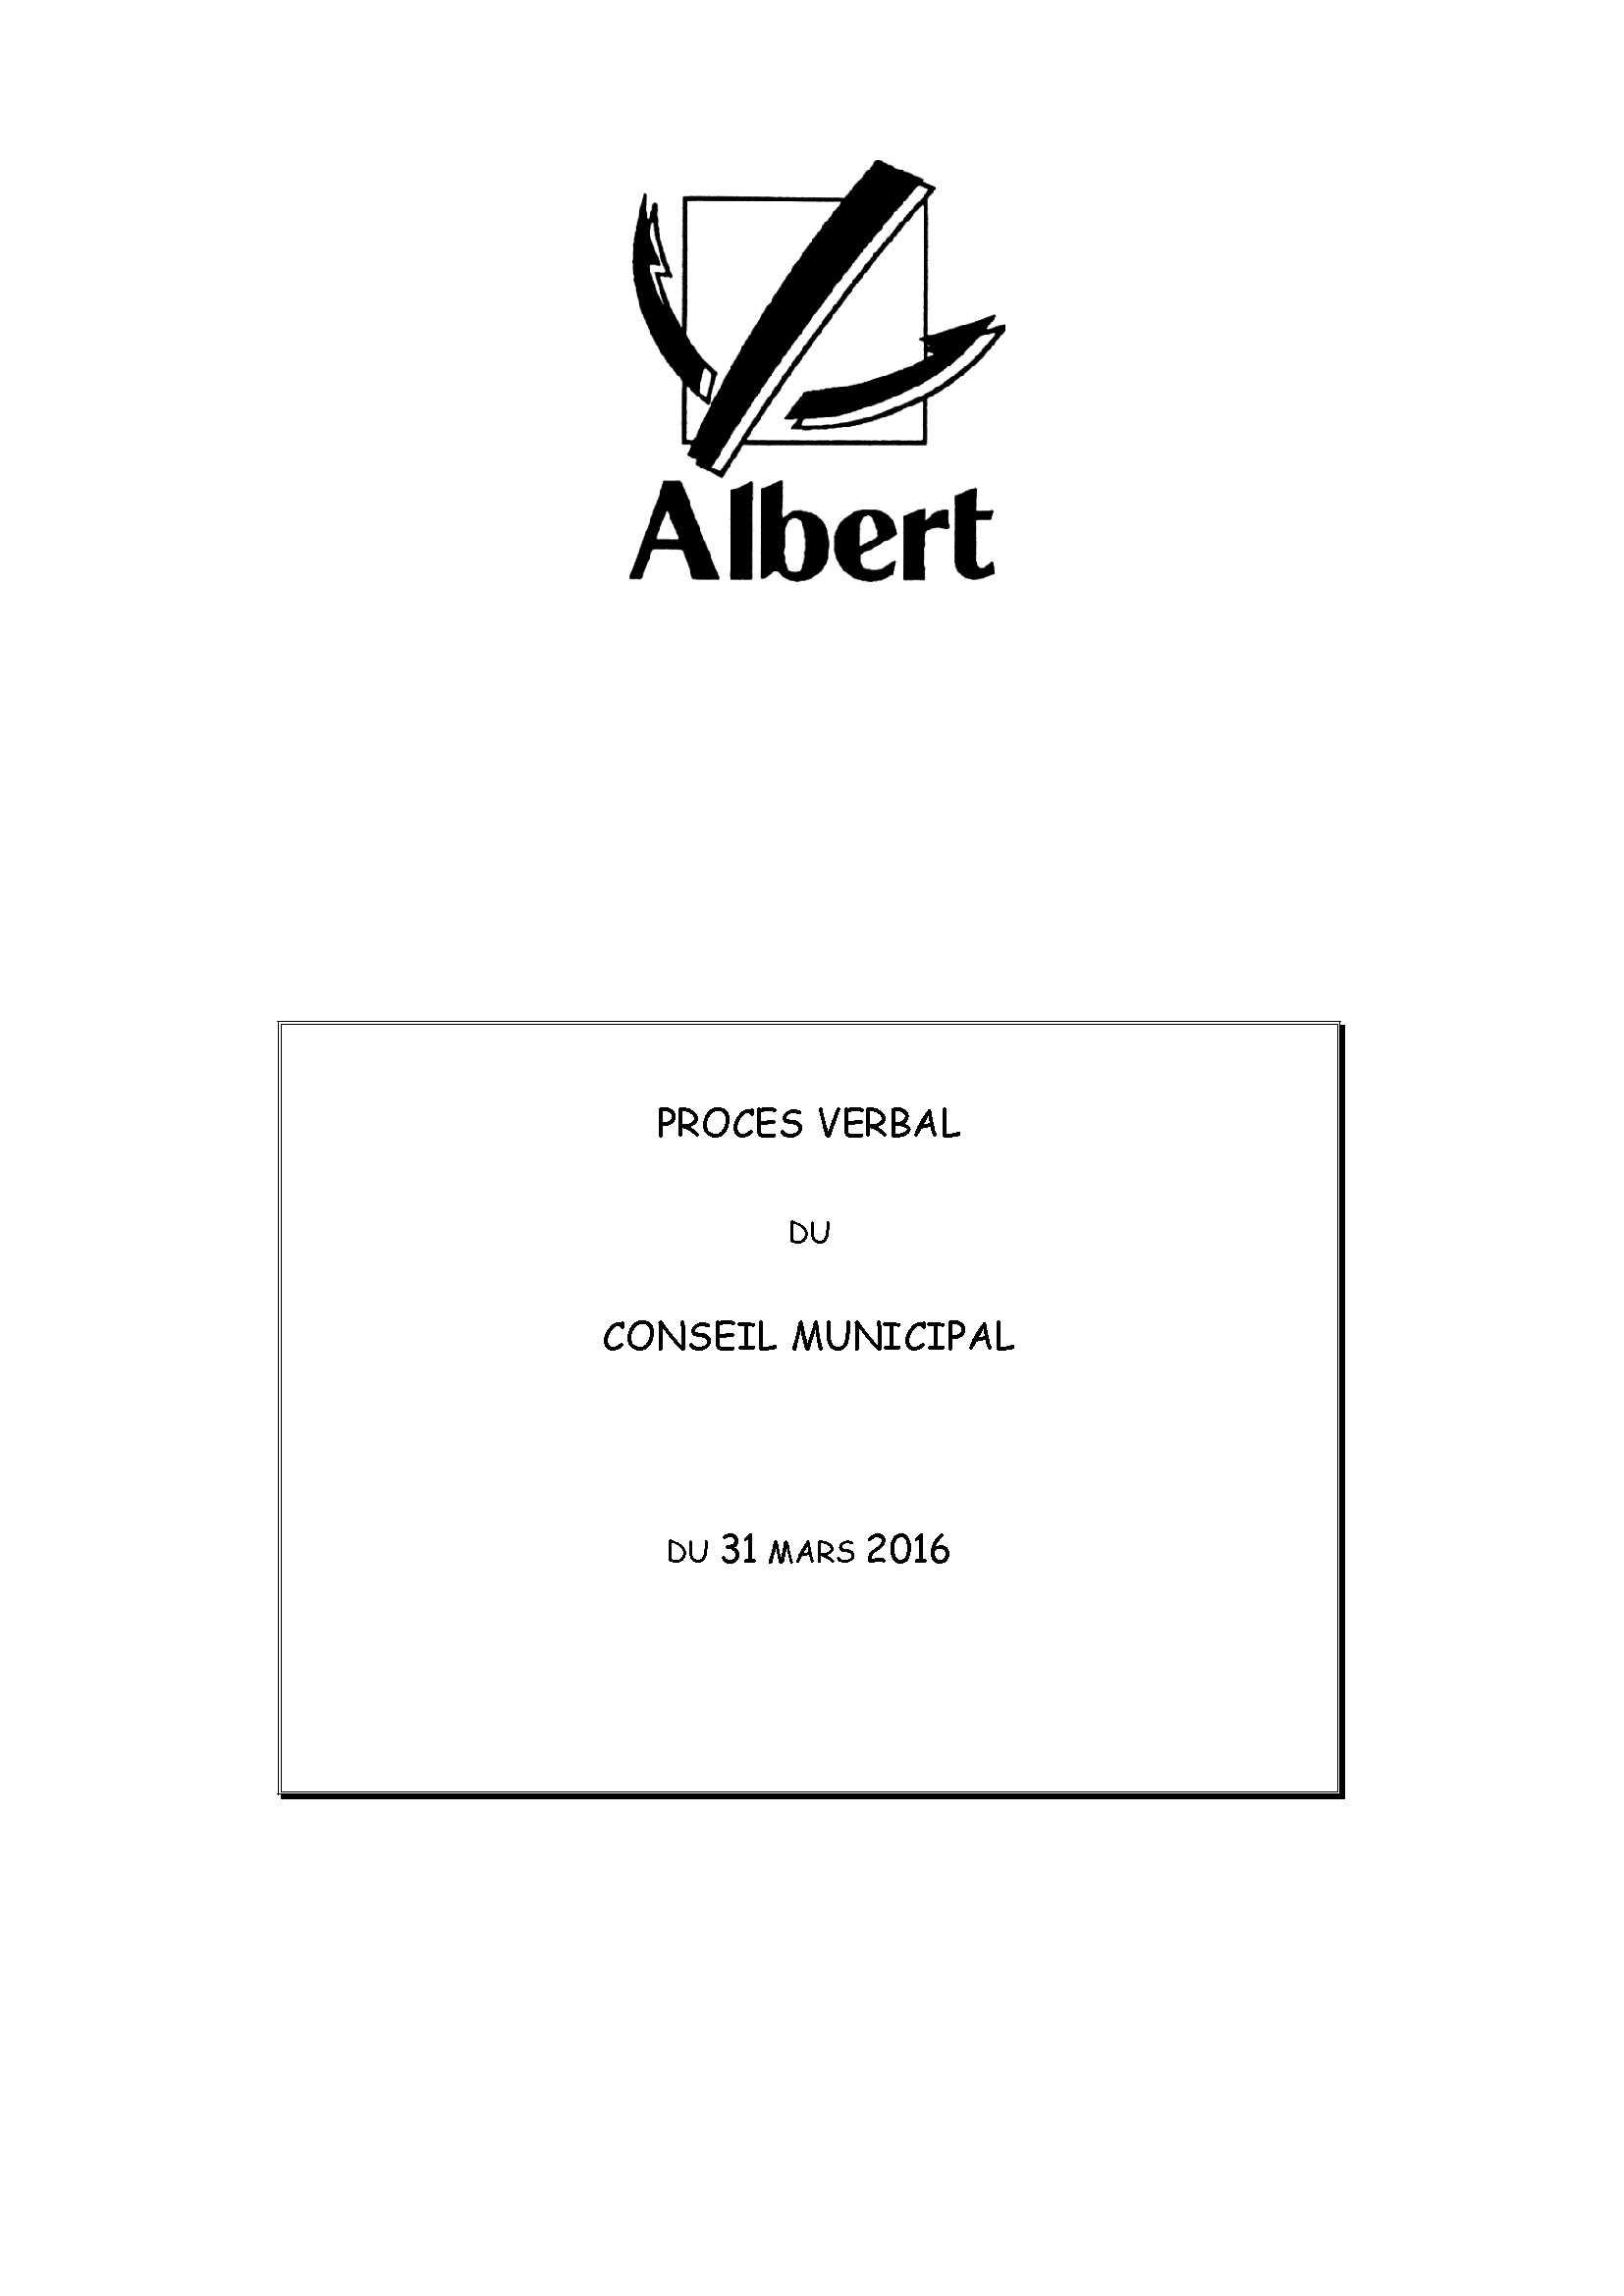 PROCES VERBAL DU CONSEIL MUNICIPAL DU 31 MARS 2016